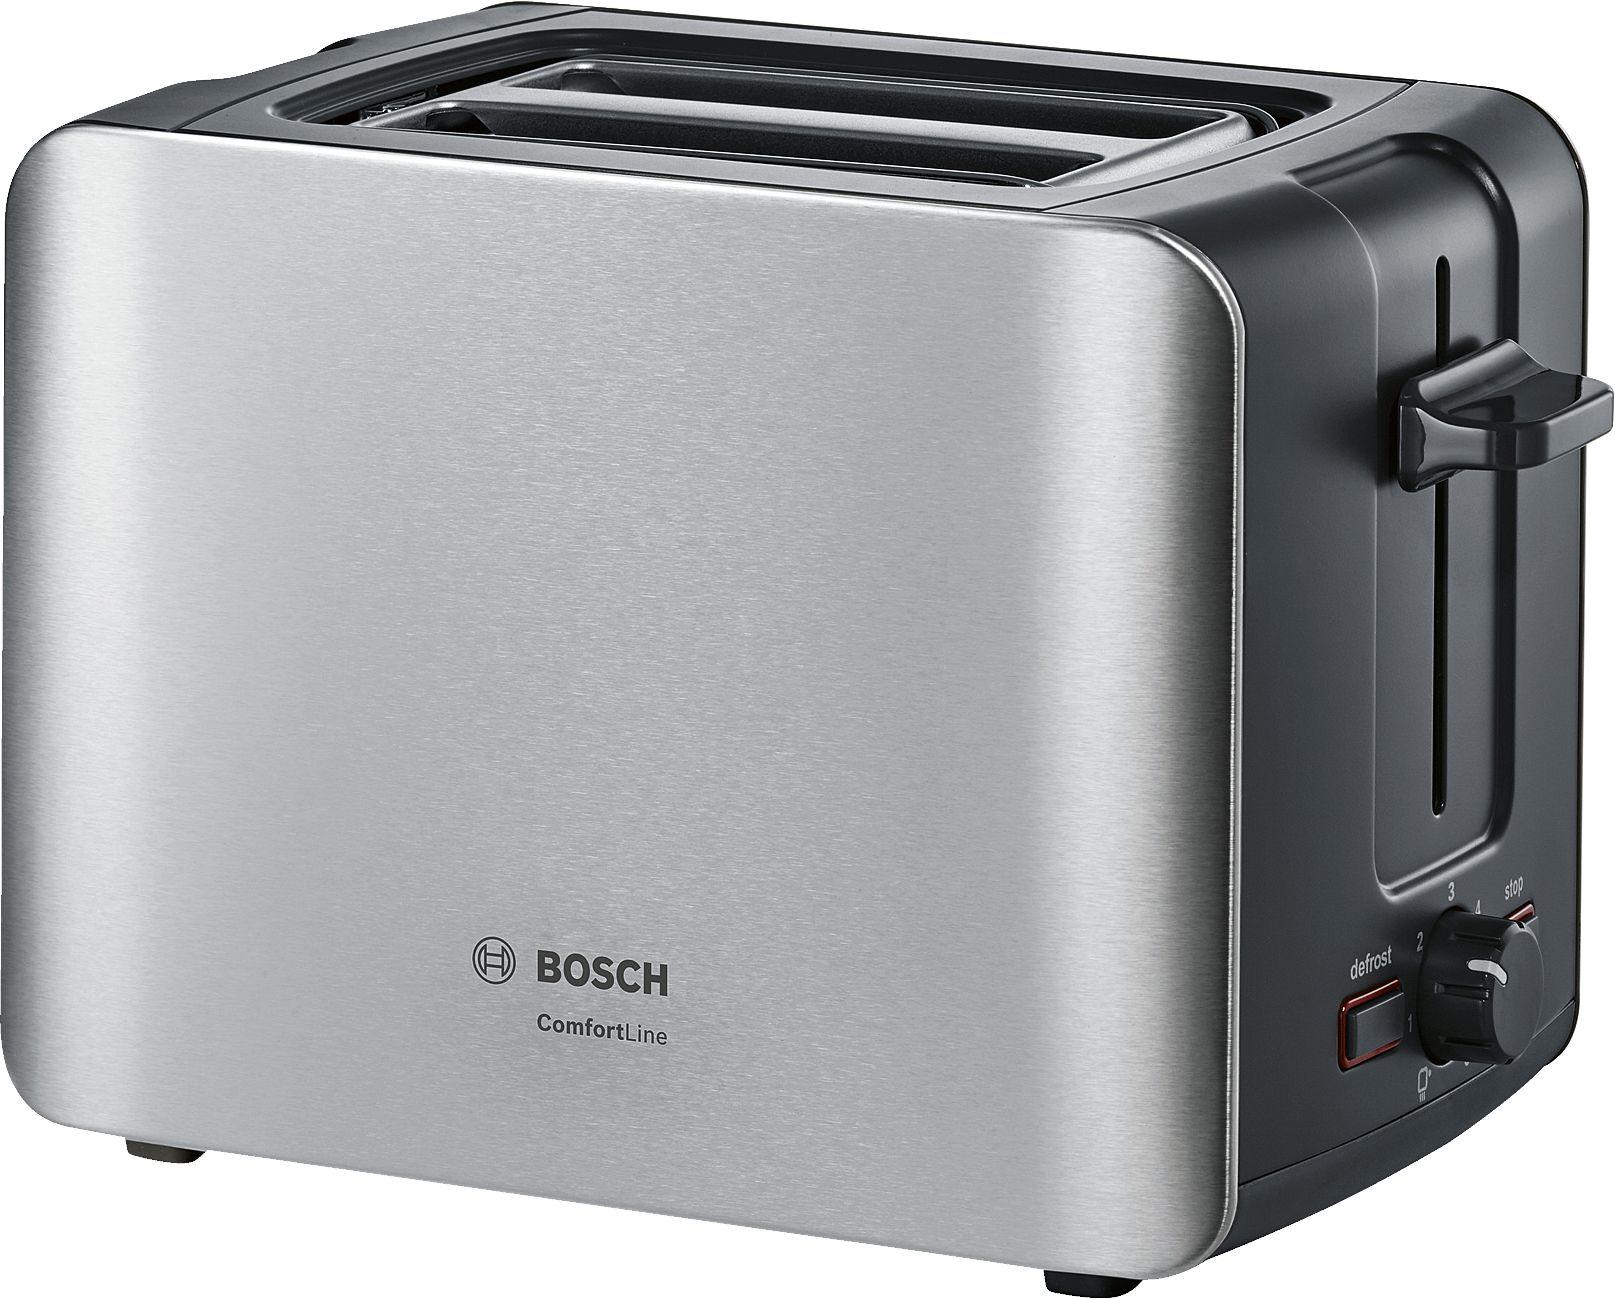 Тостер Bosch ComfortLine TAT6A913 Silver